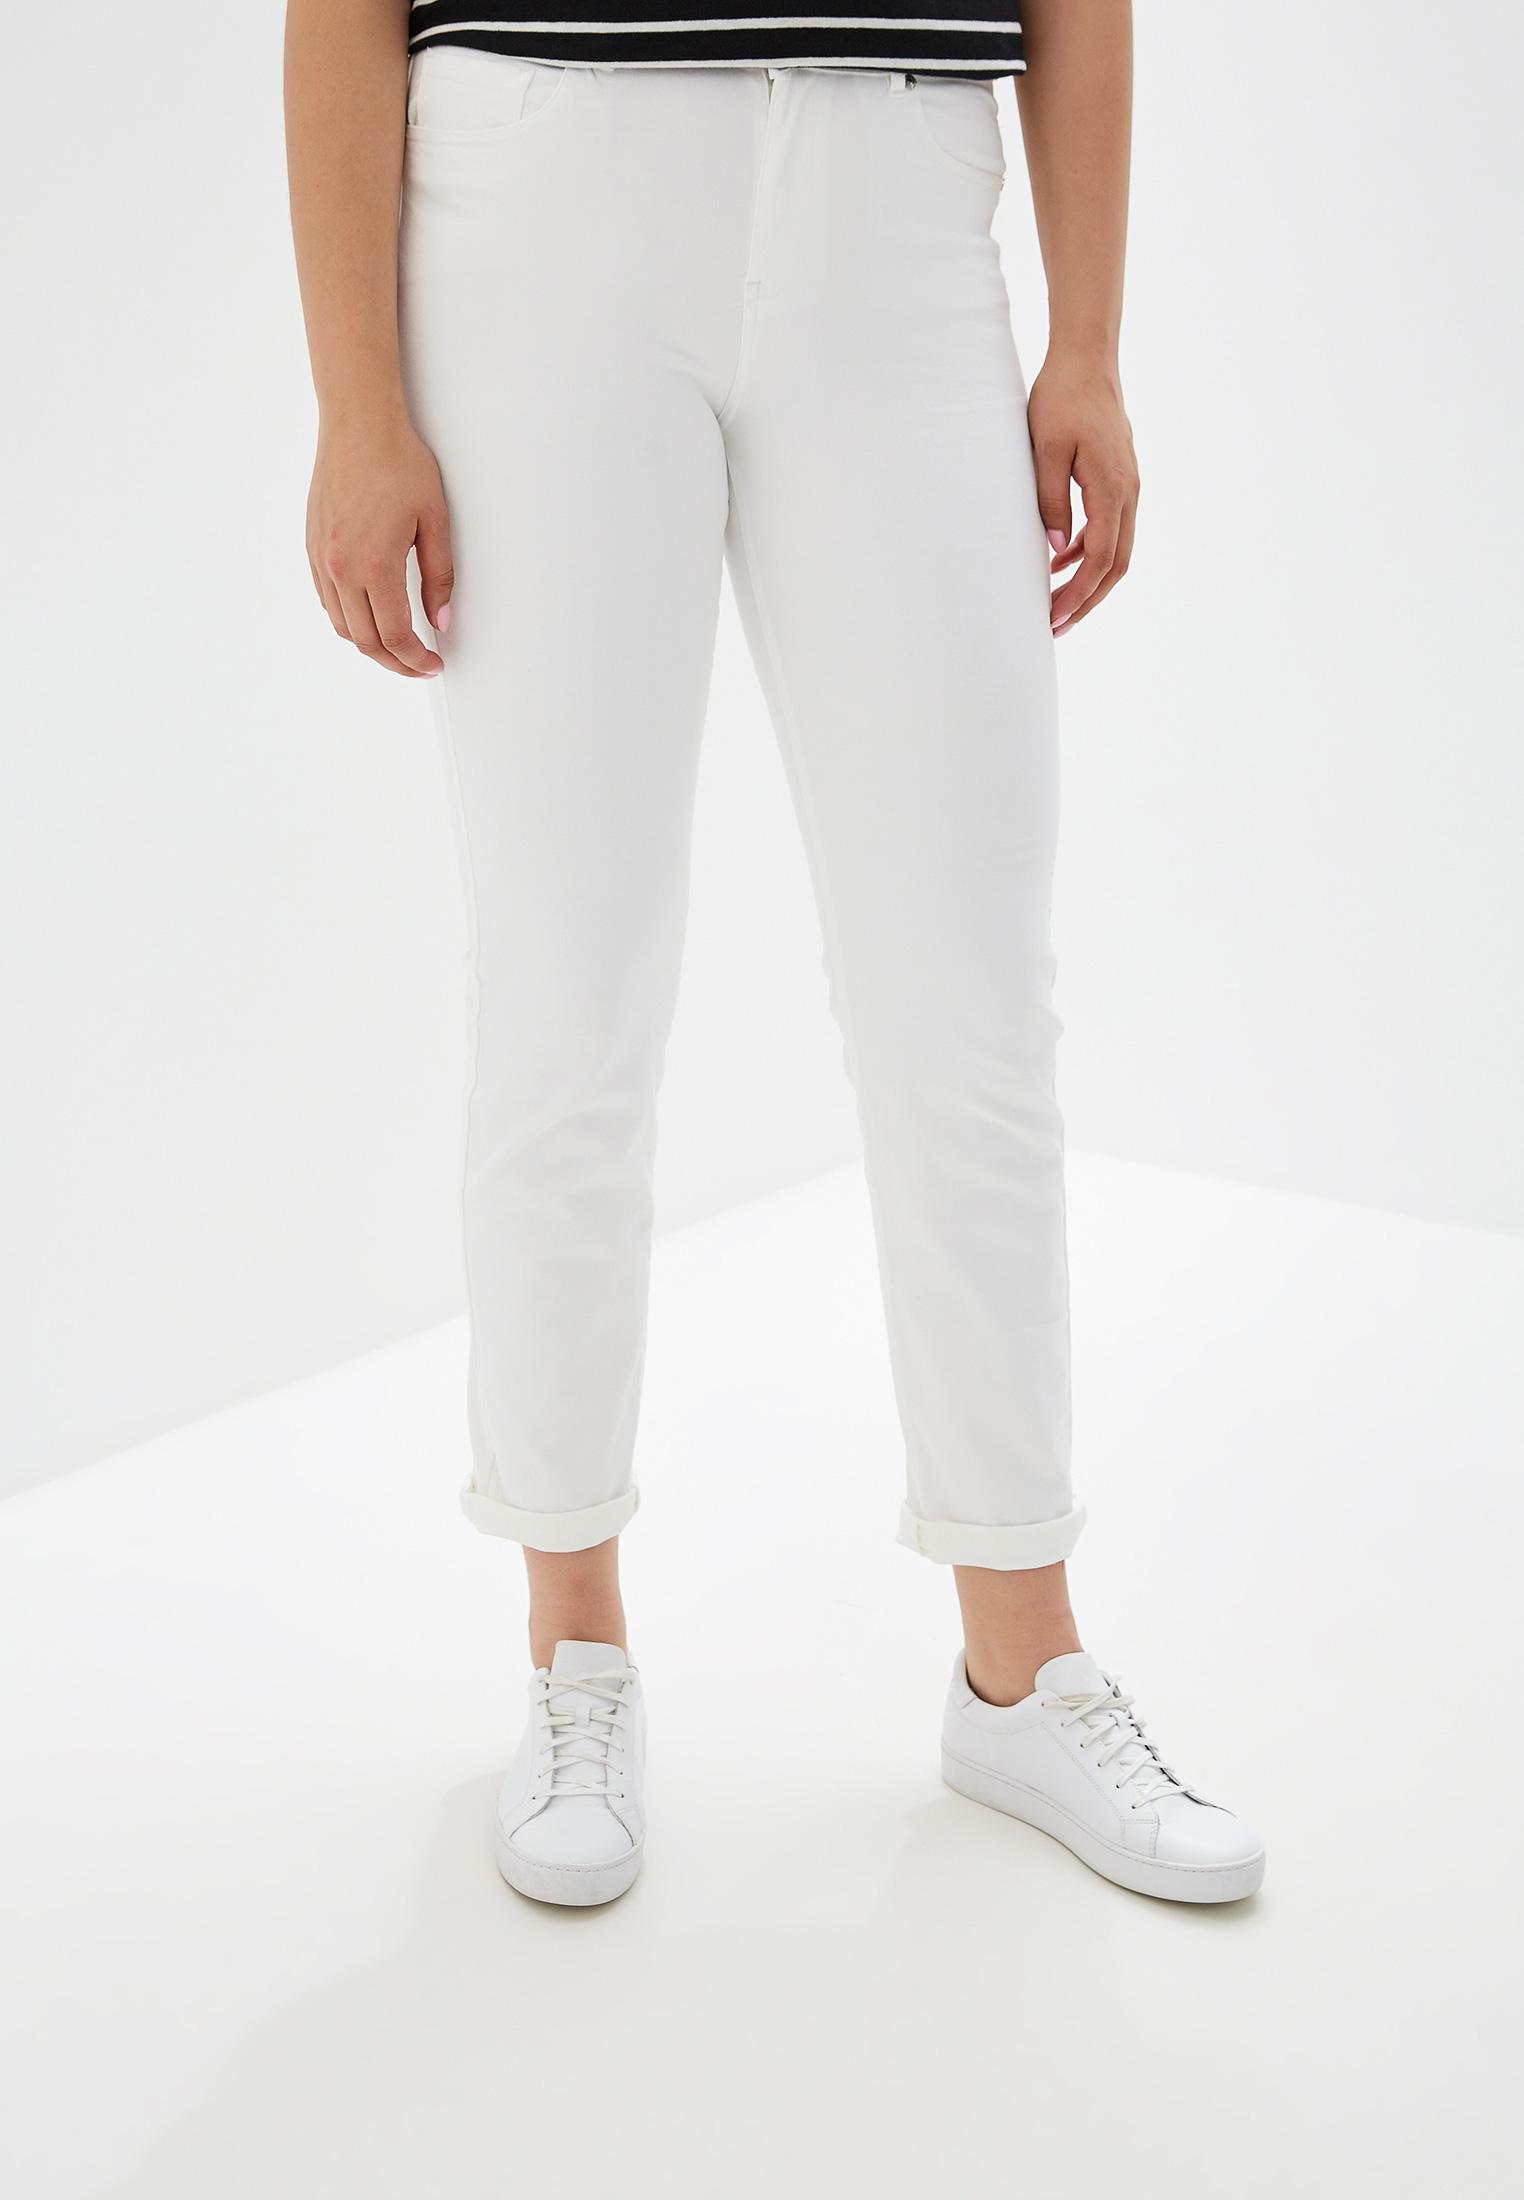 Зауженные джинсы Violeta by Mango (Виолетта бай Манго) 53833704